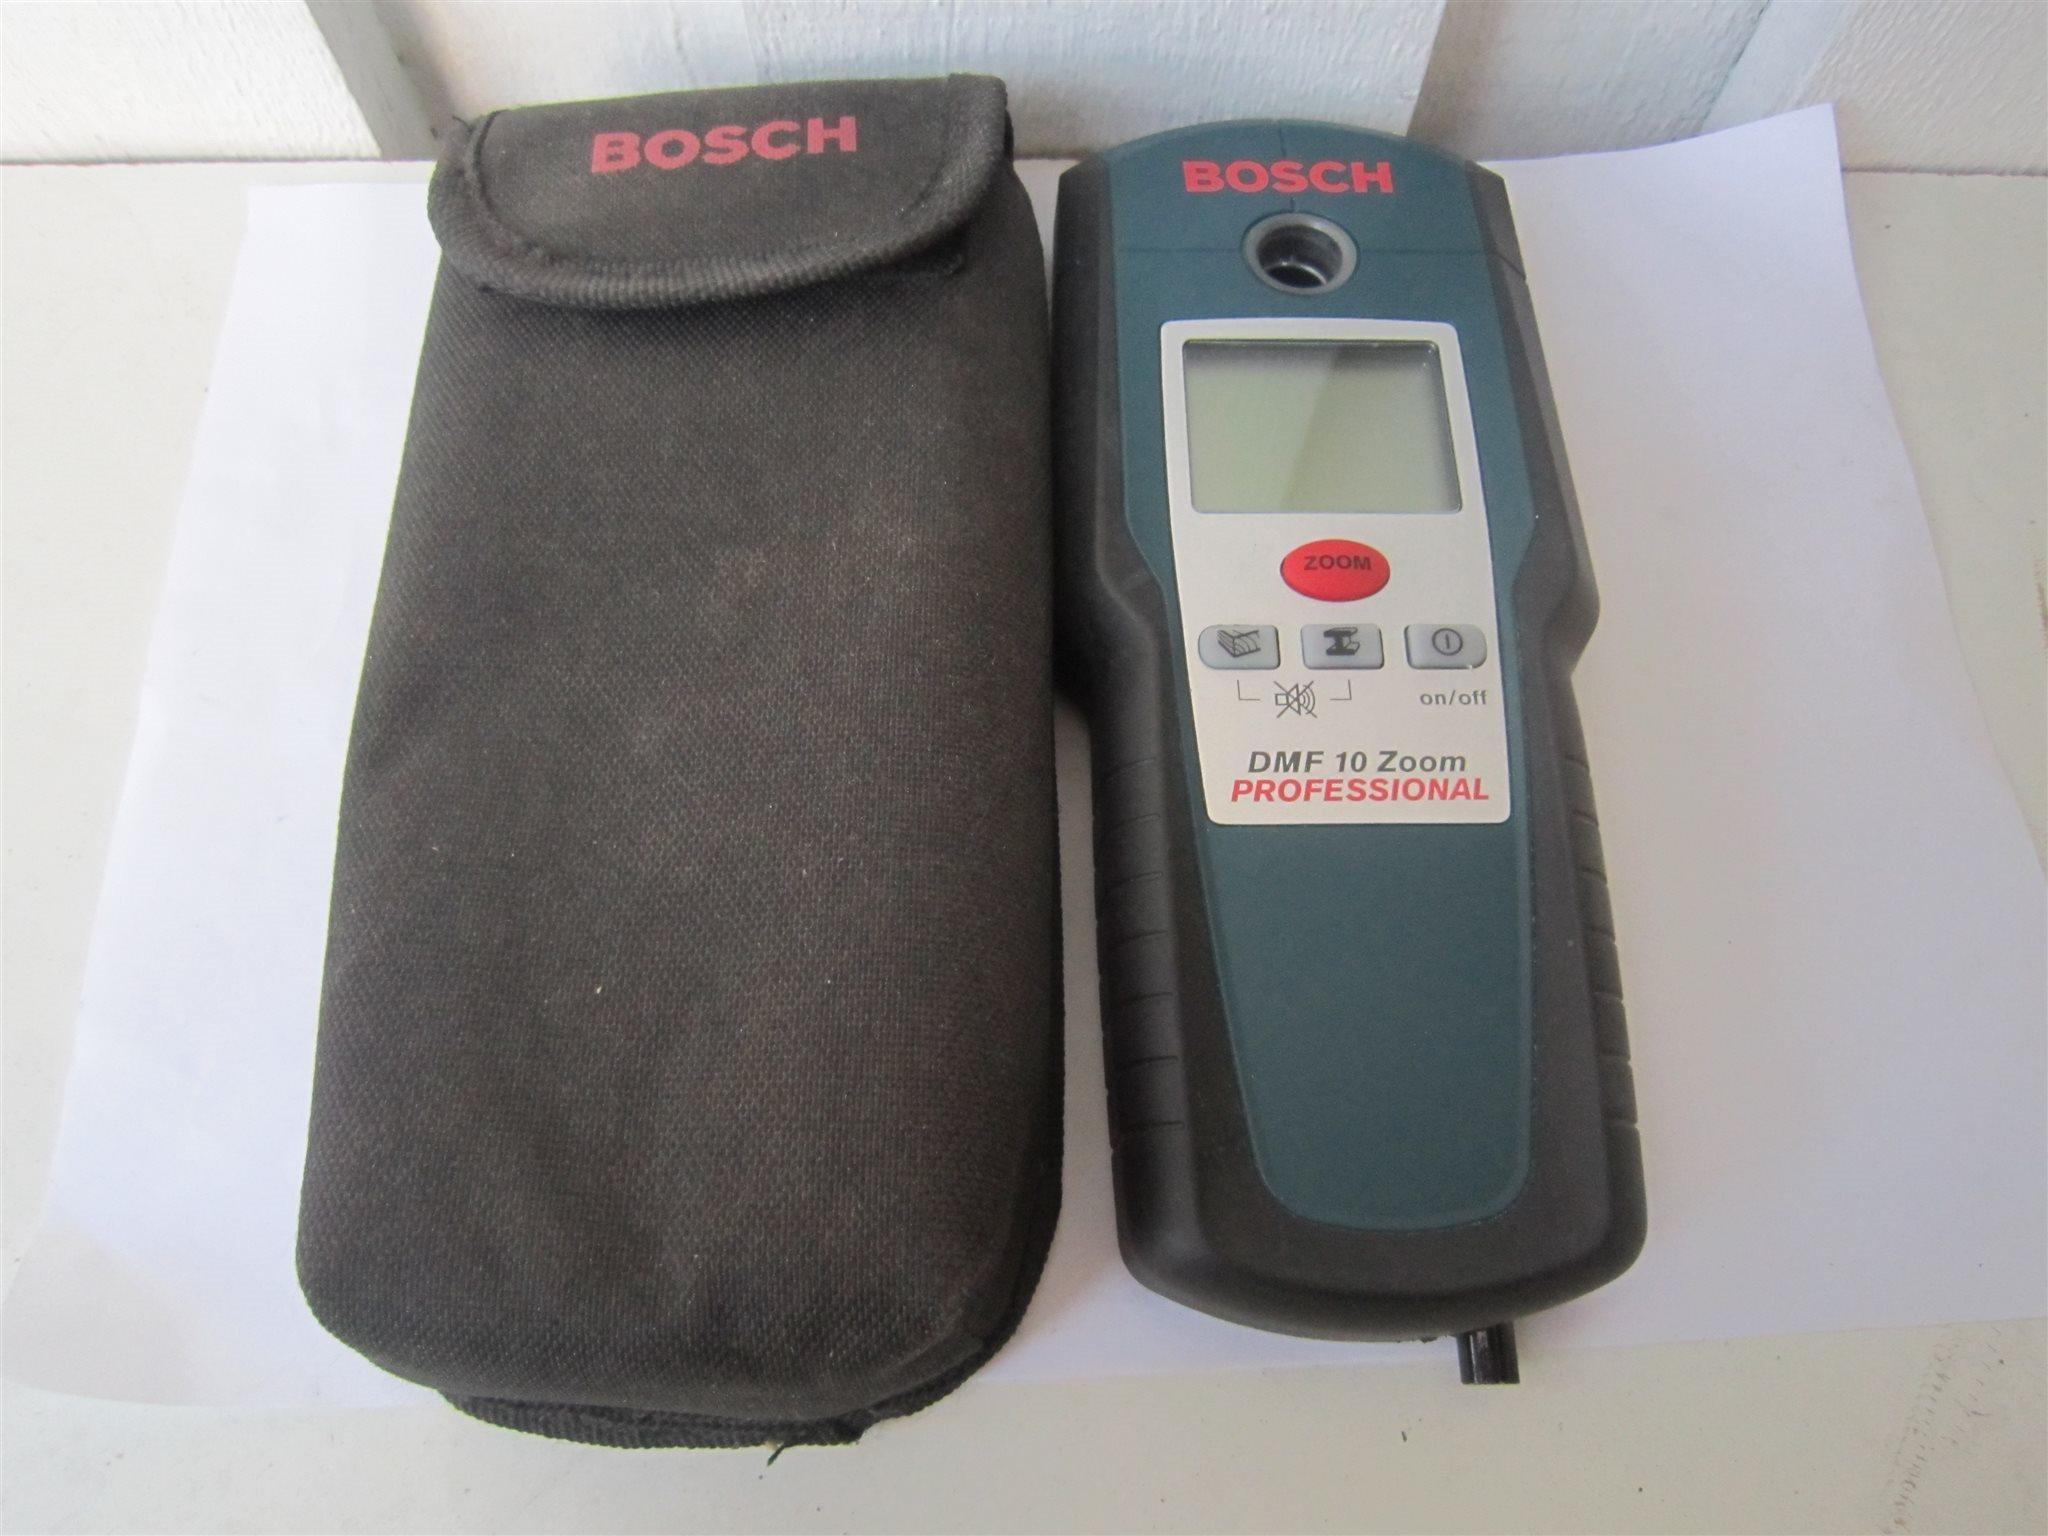 bosch professional dmf 10 zoom multidetektor (317972538) ᐈ köp på